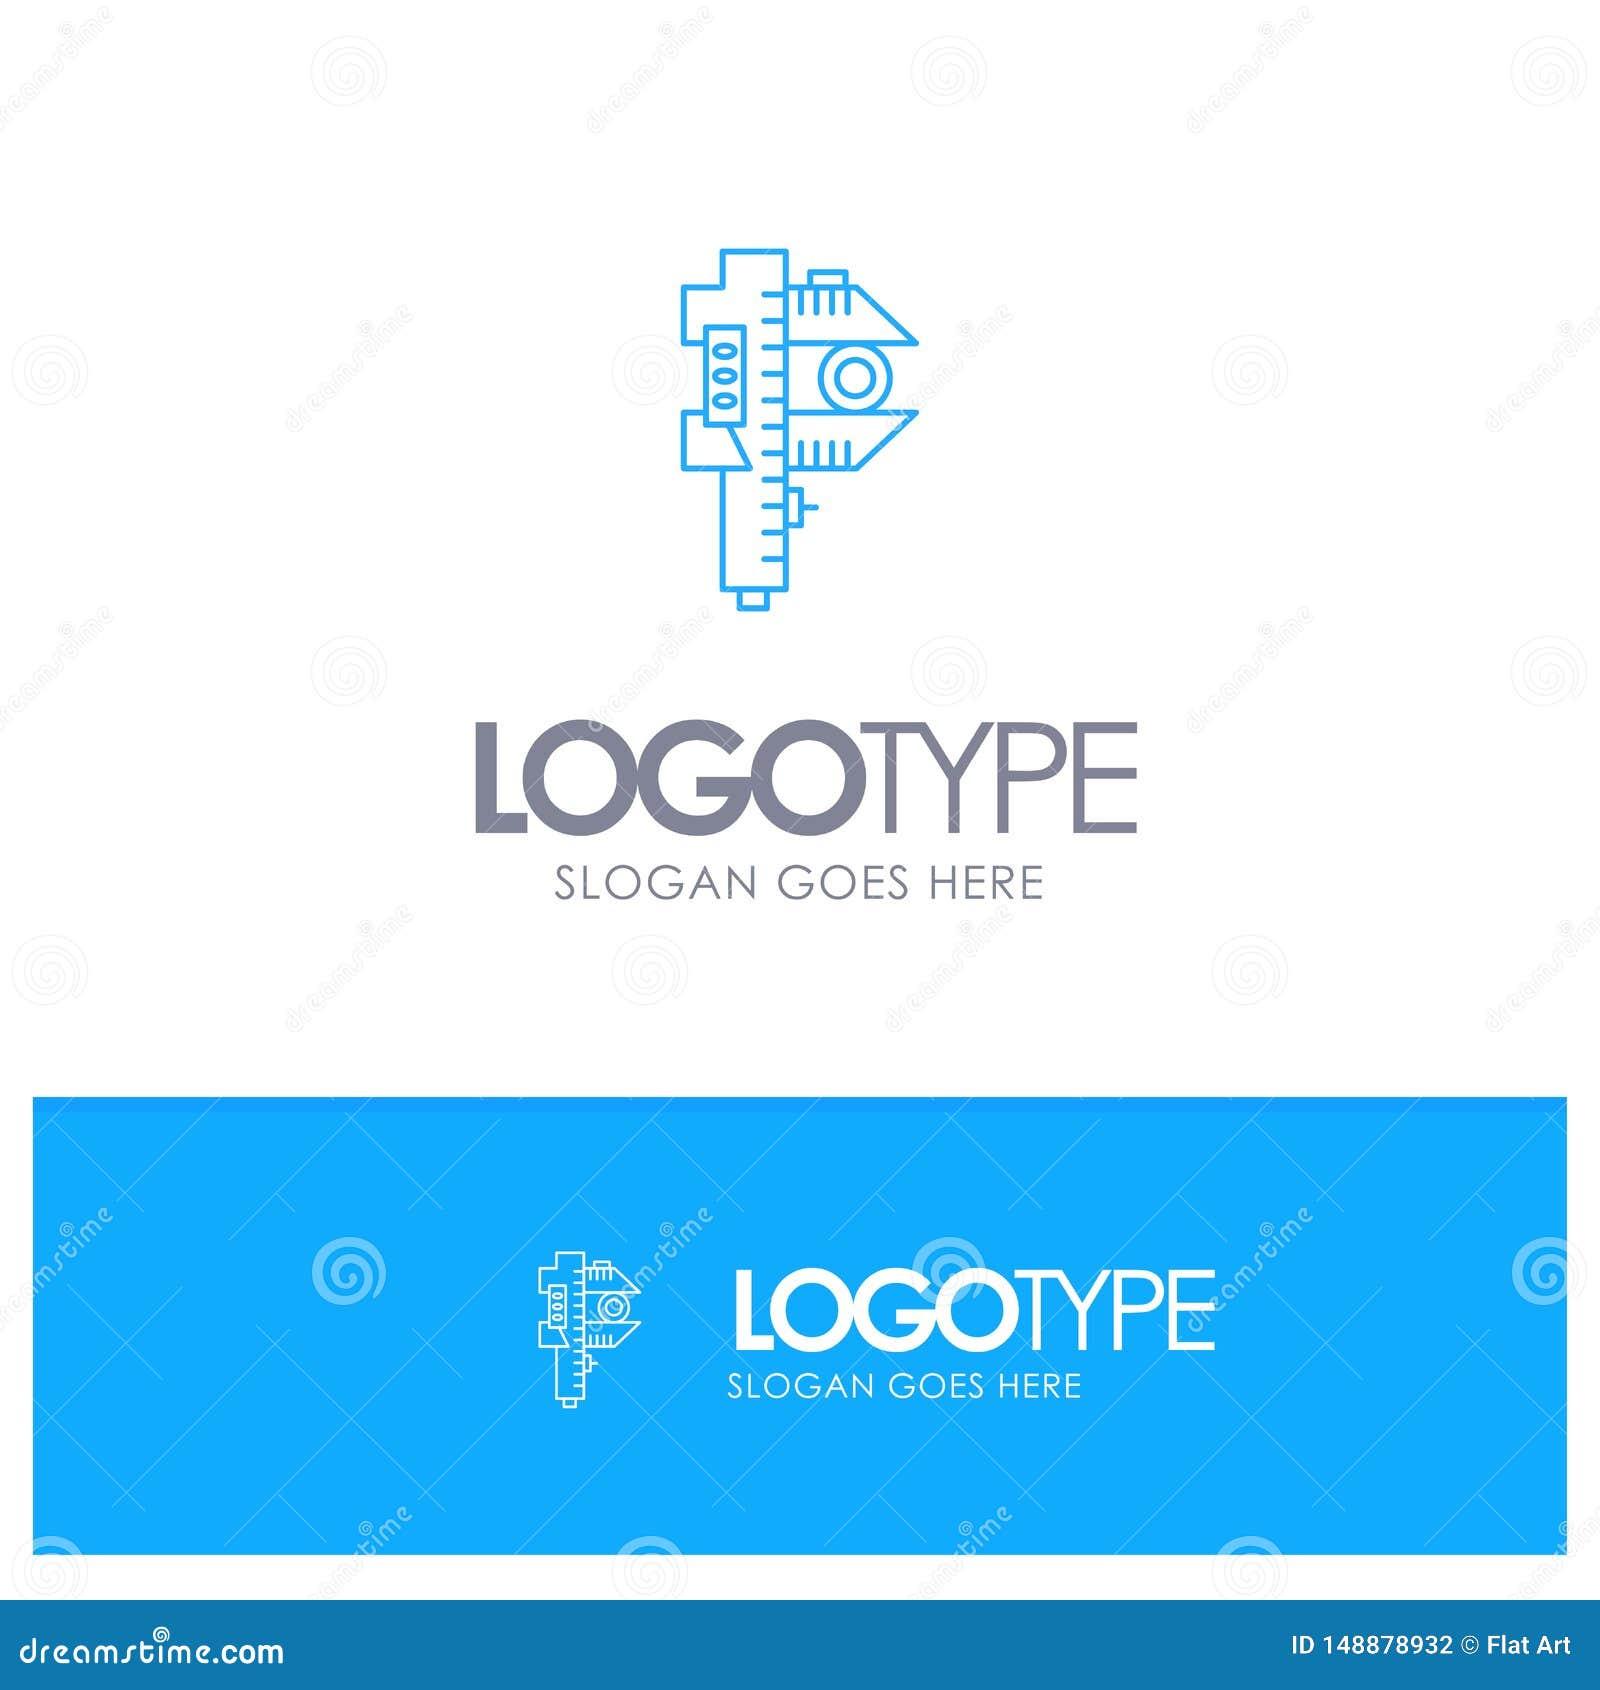 Mierzący, dokładność, miara, Mały, Malutki Błękitny konturu logo z miejscem dla tagline,